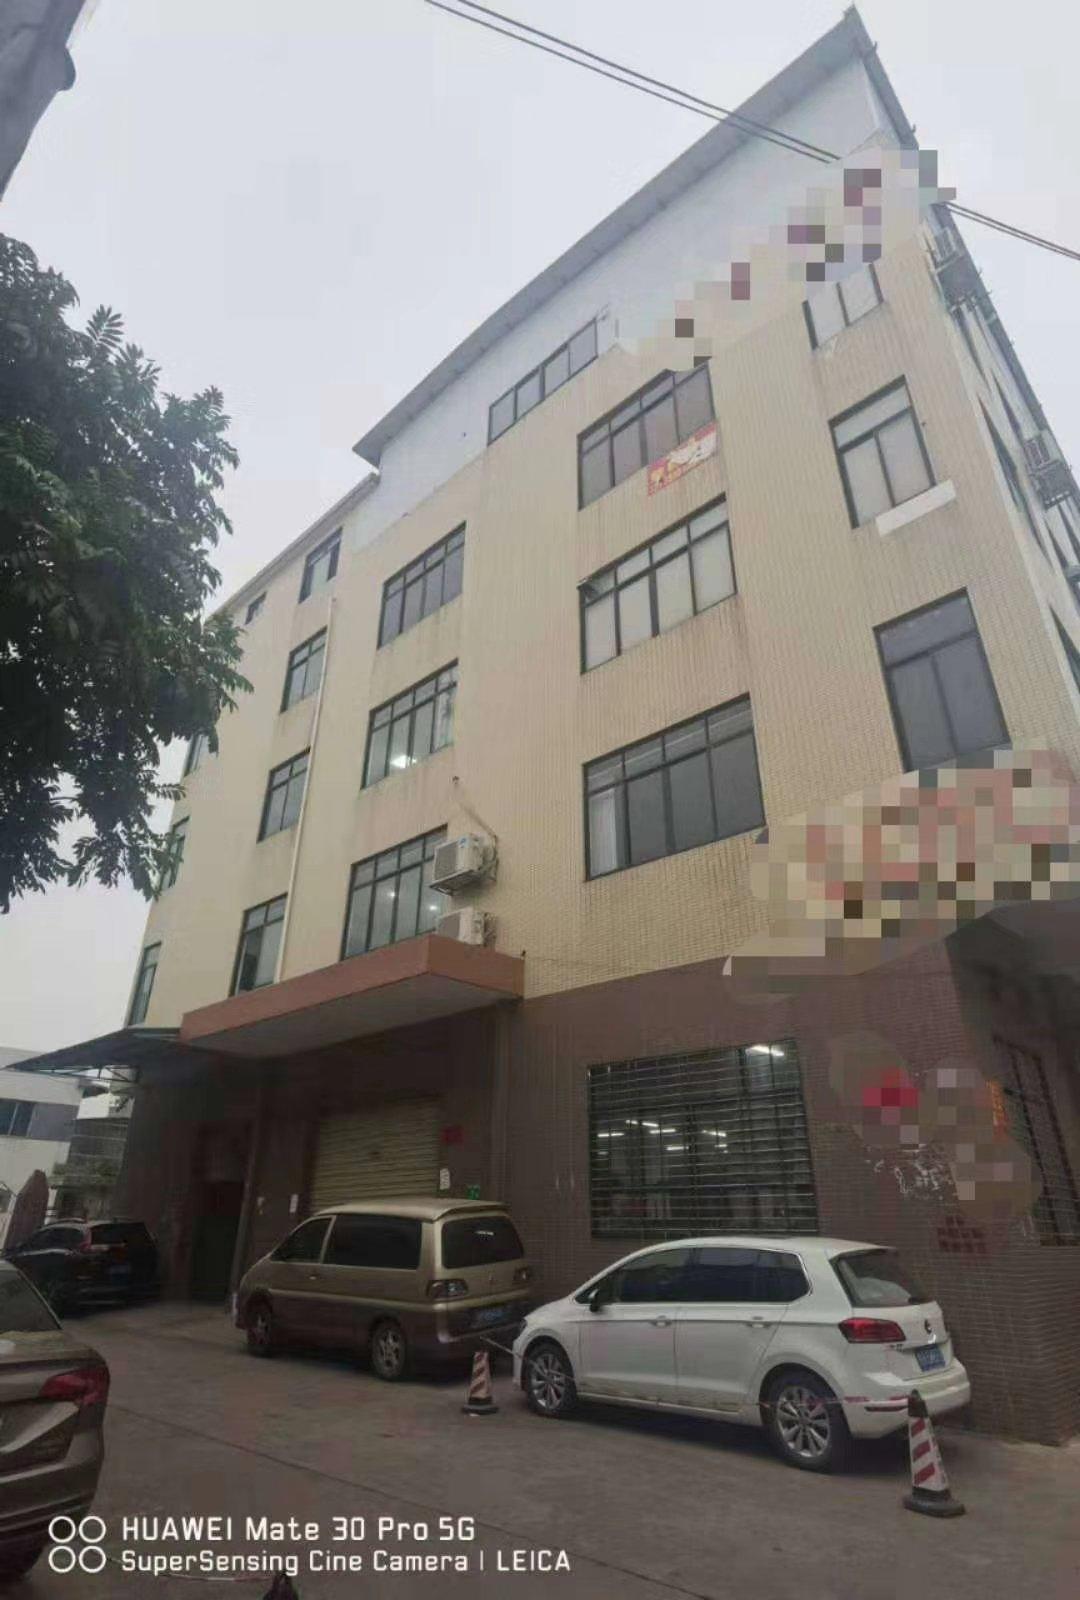 顺德区勒流镇工业区新出原房东标准楼上万博app官方下载1150平,精装修